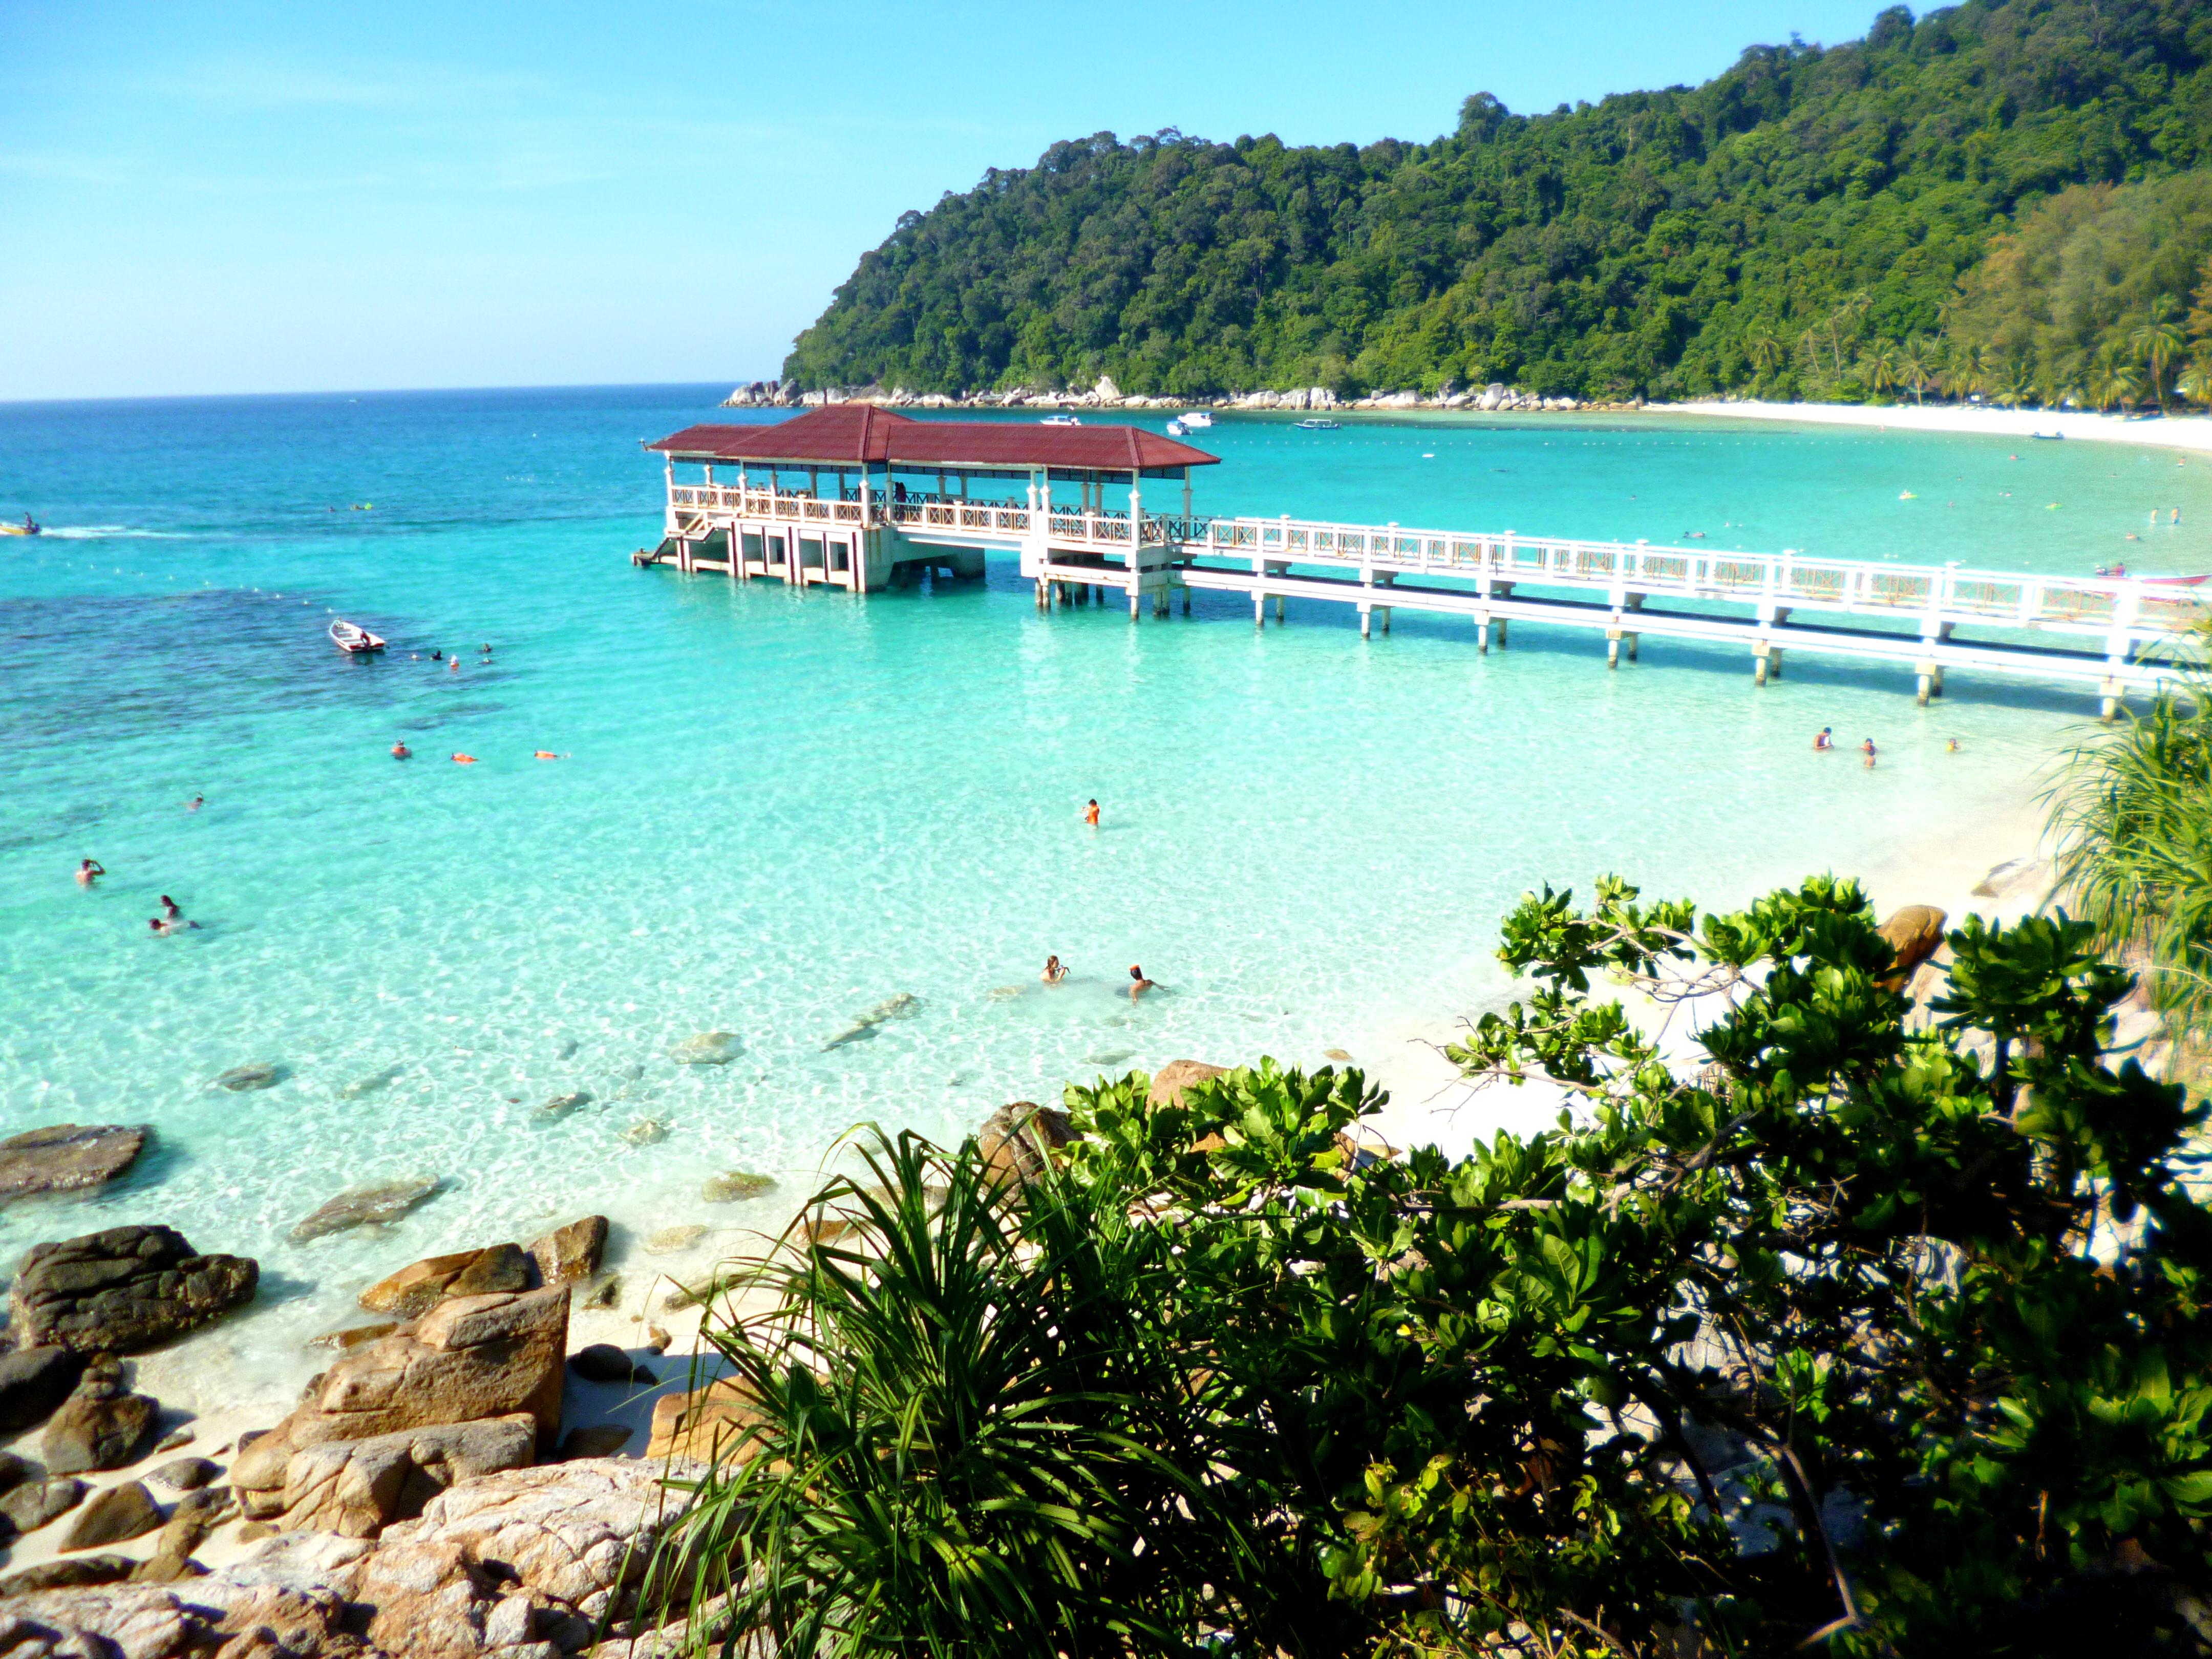 Le isole della malesia quale scegliere